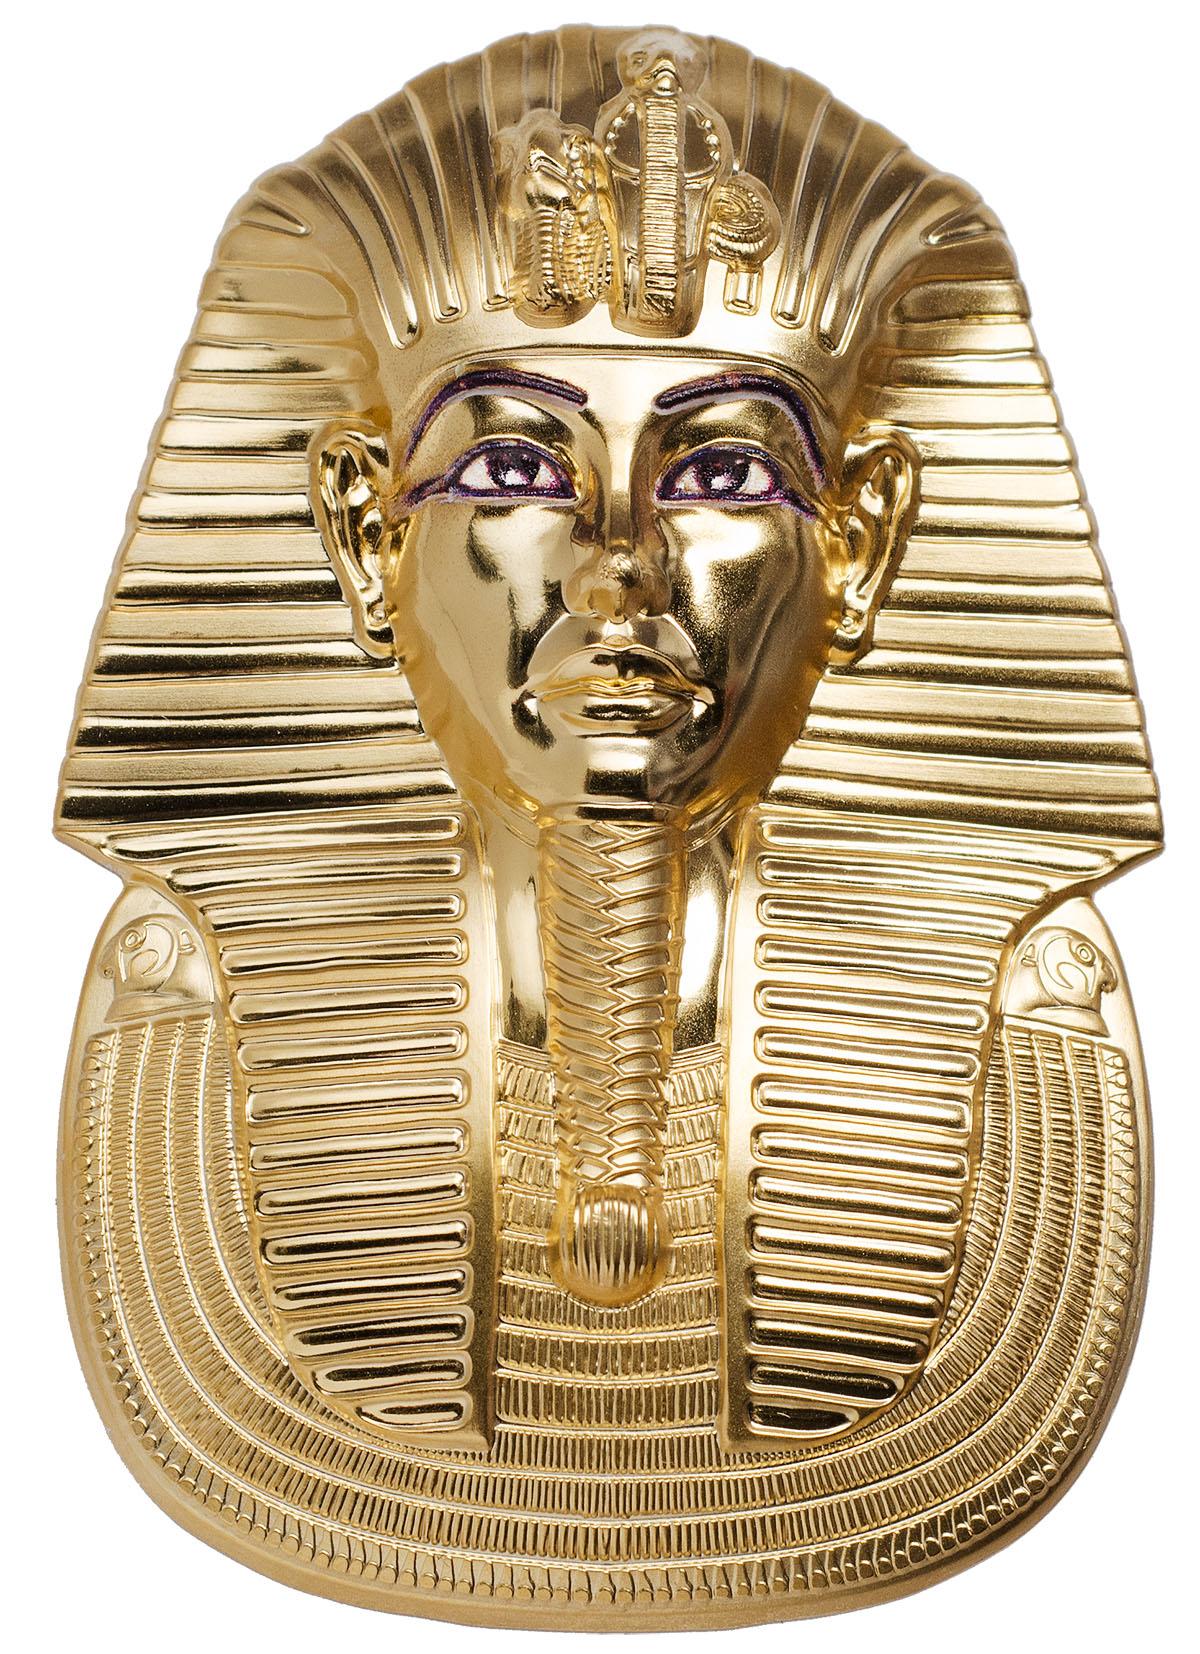 Palau - 2018 - 20 Dollars - Tutankhamun